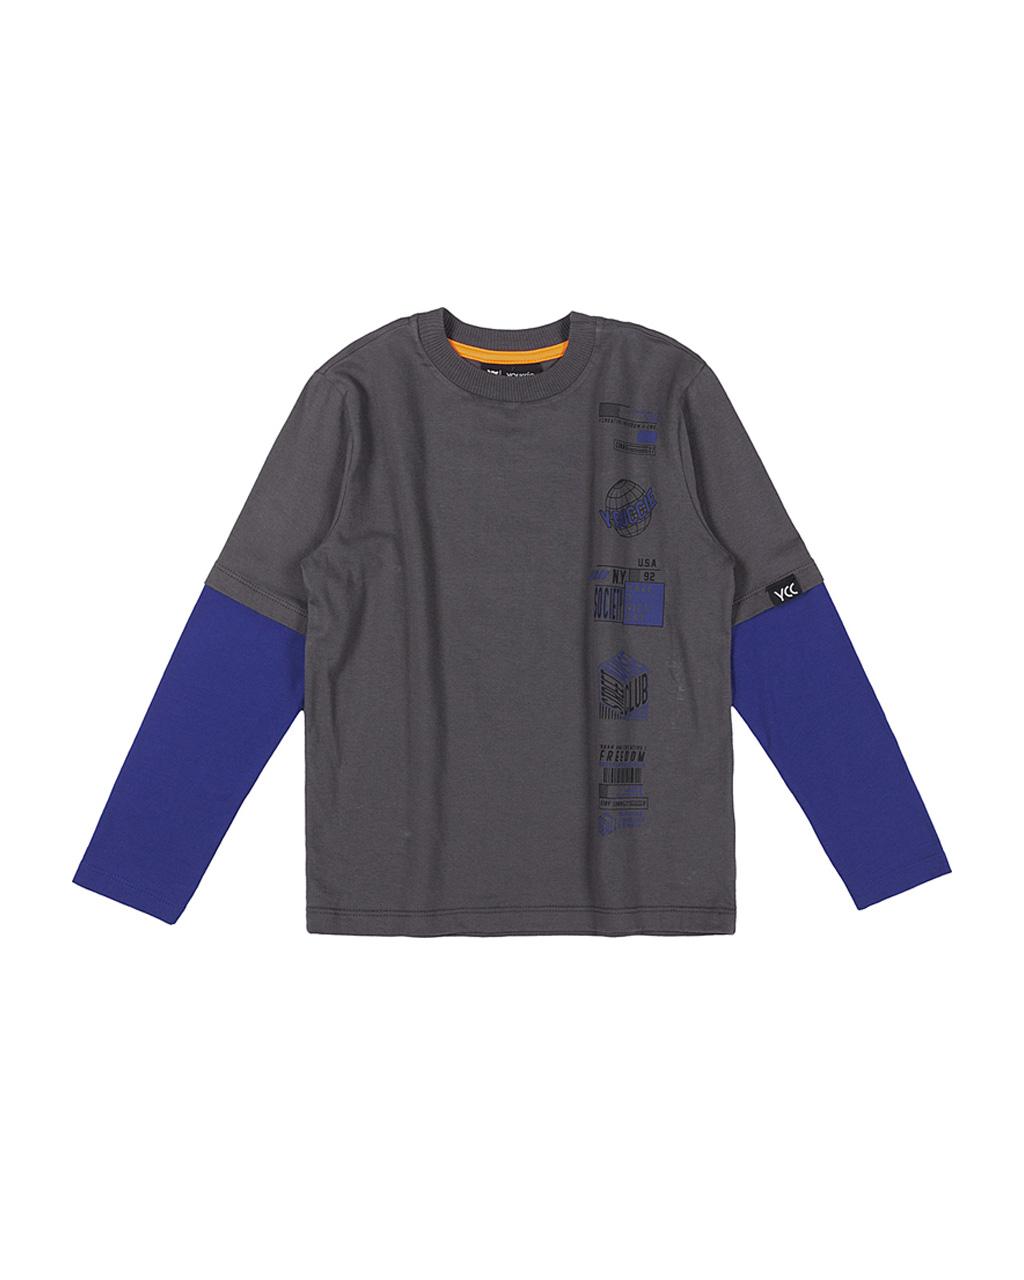 T-Shirt Chumbo Falsa Sobreposição Mangas Azul Royal Youccie